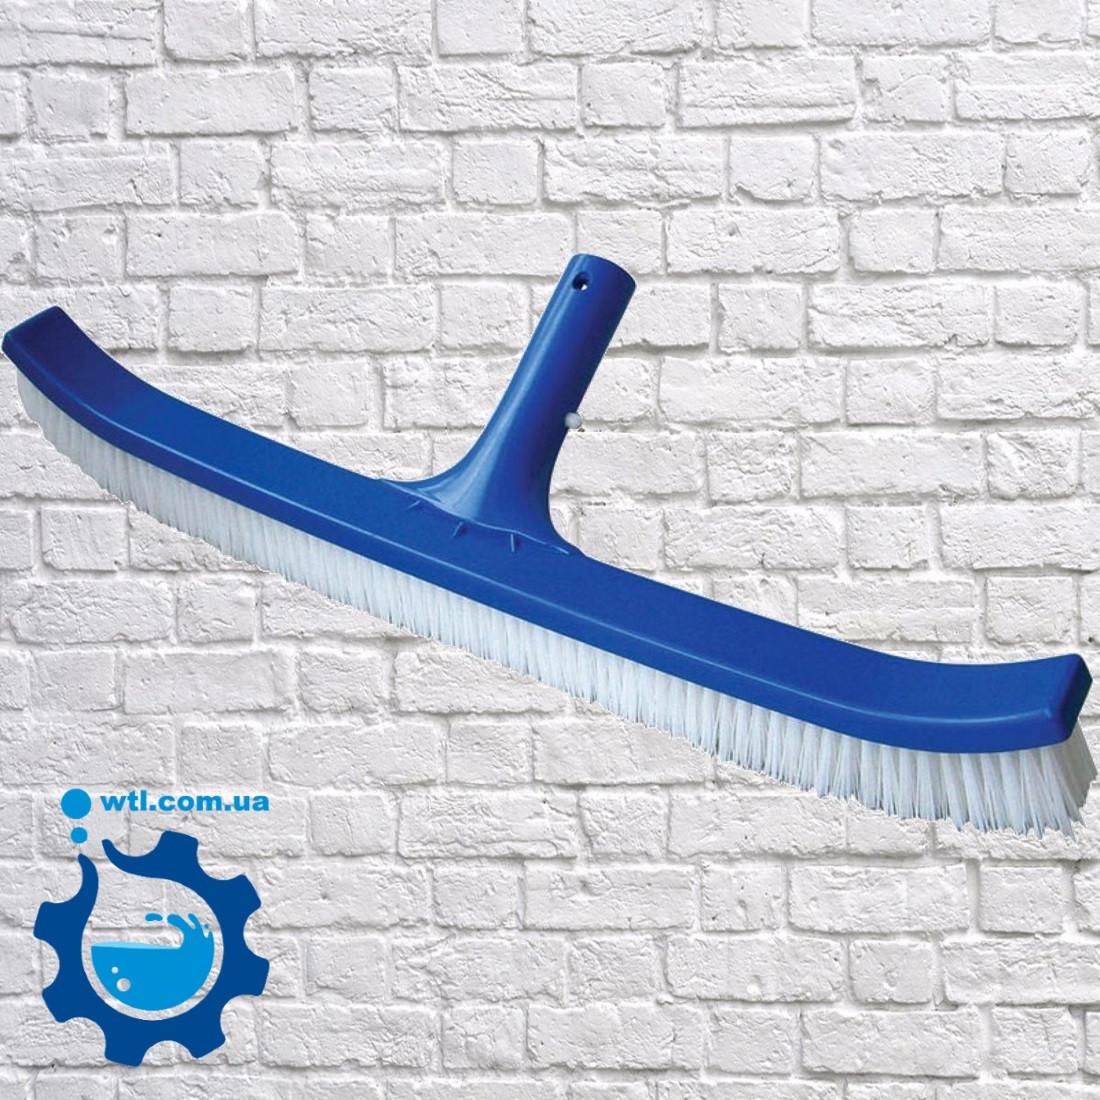 Щітка для стін басейну Kokido Classic пластикова. Аксесуари для басейну. Щітка для басейну